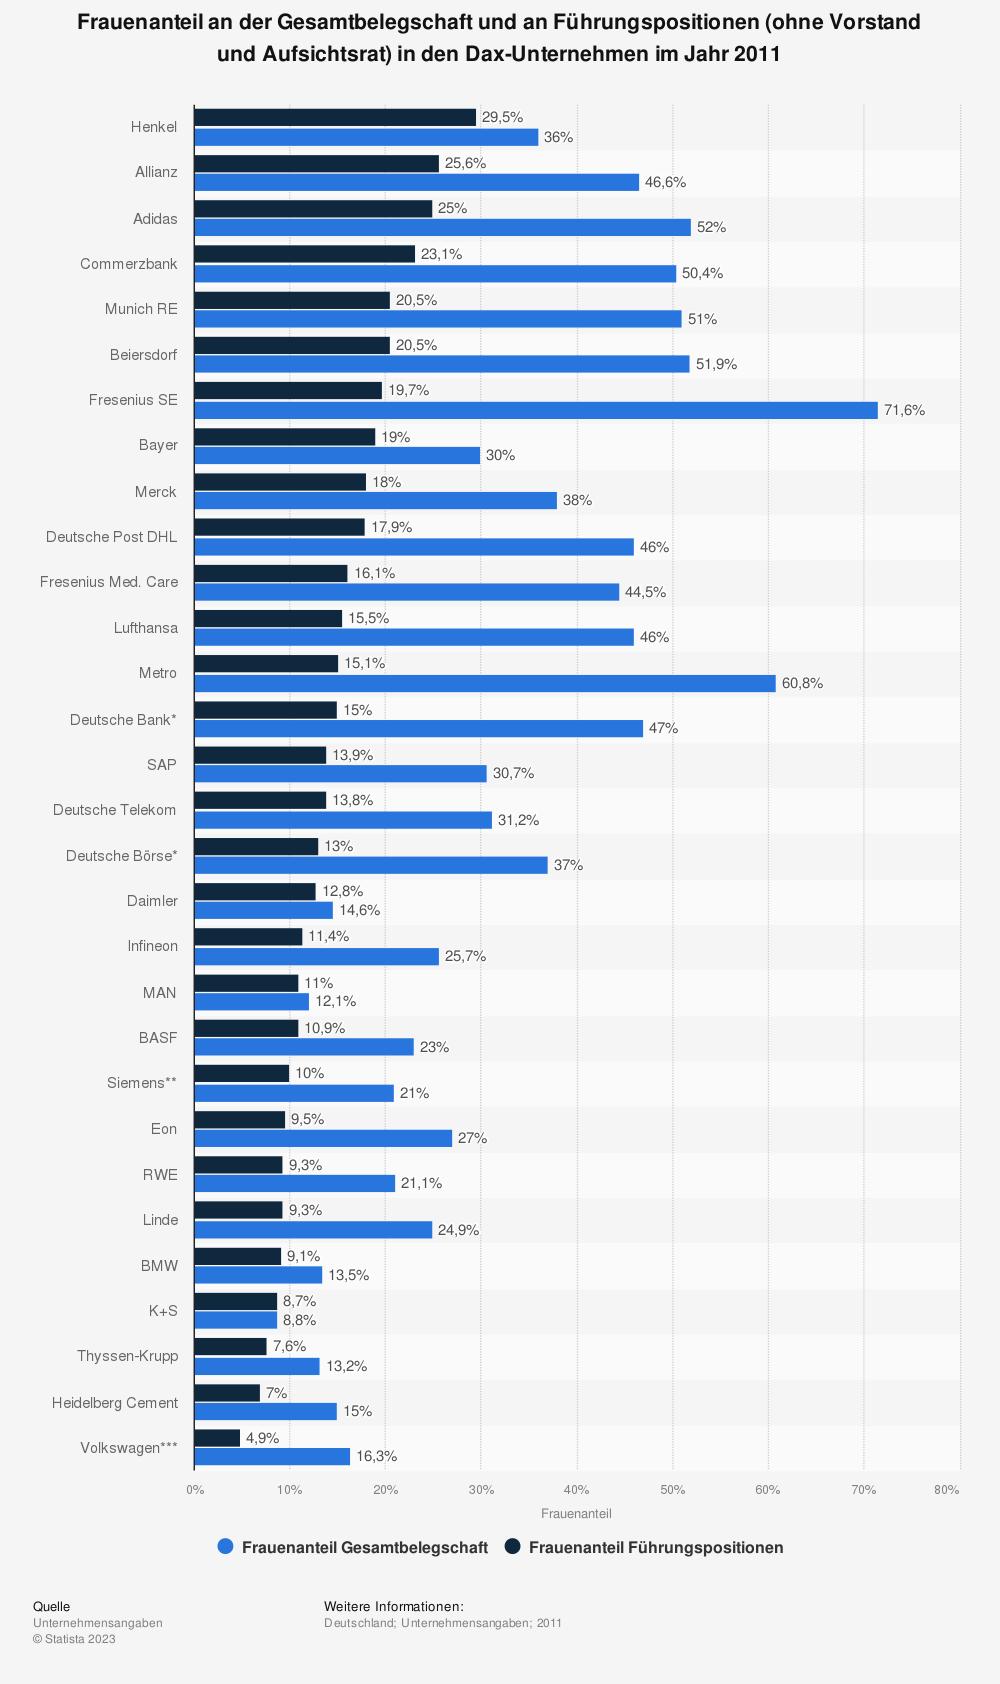 Statistik: Frauenanteil an der Gesamtbelegschaft und an Führungspositionen (ohne Vorstand und Aufsichtsrat) in den Dax-Unternehmen im Jahr 2011 | Statista